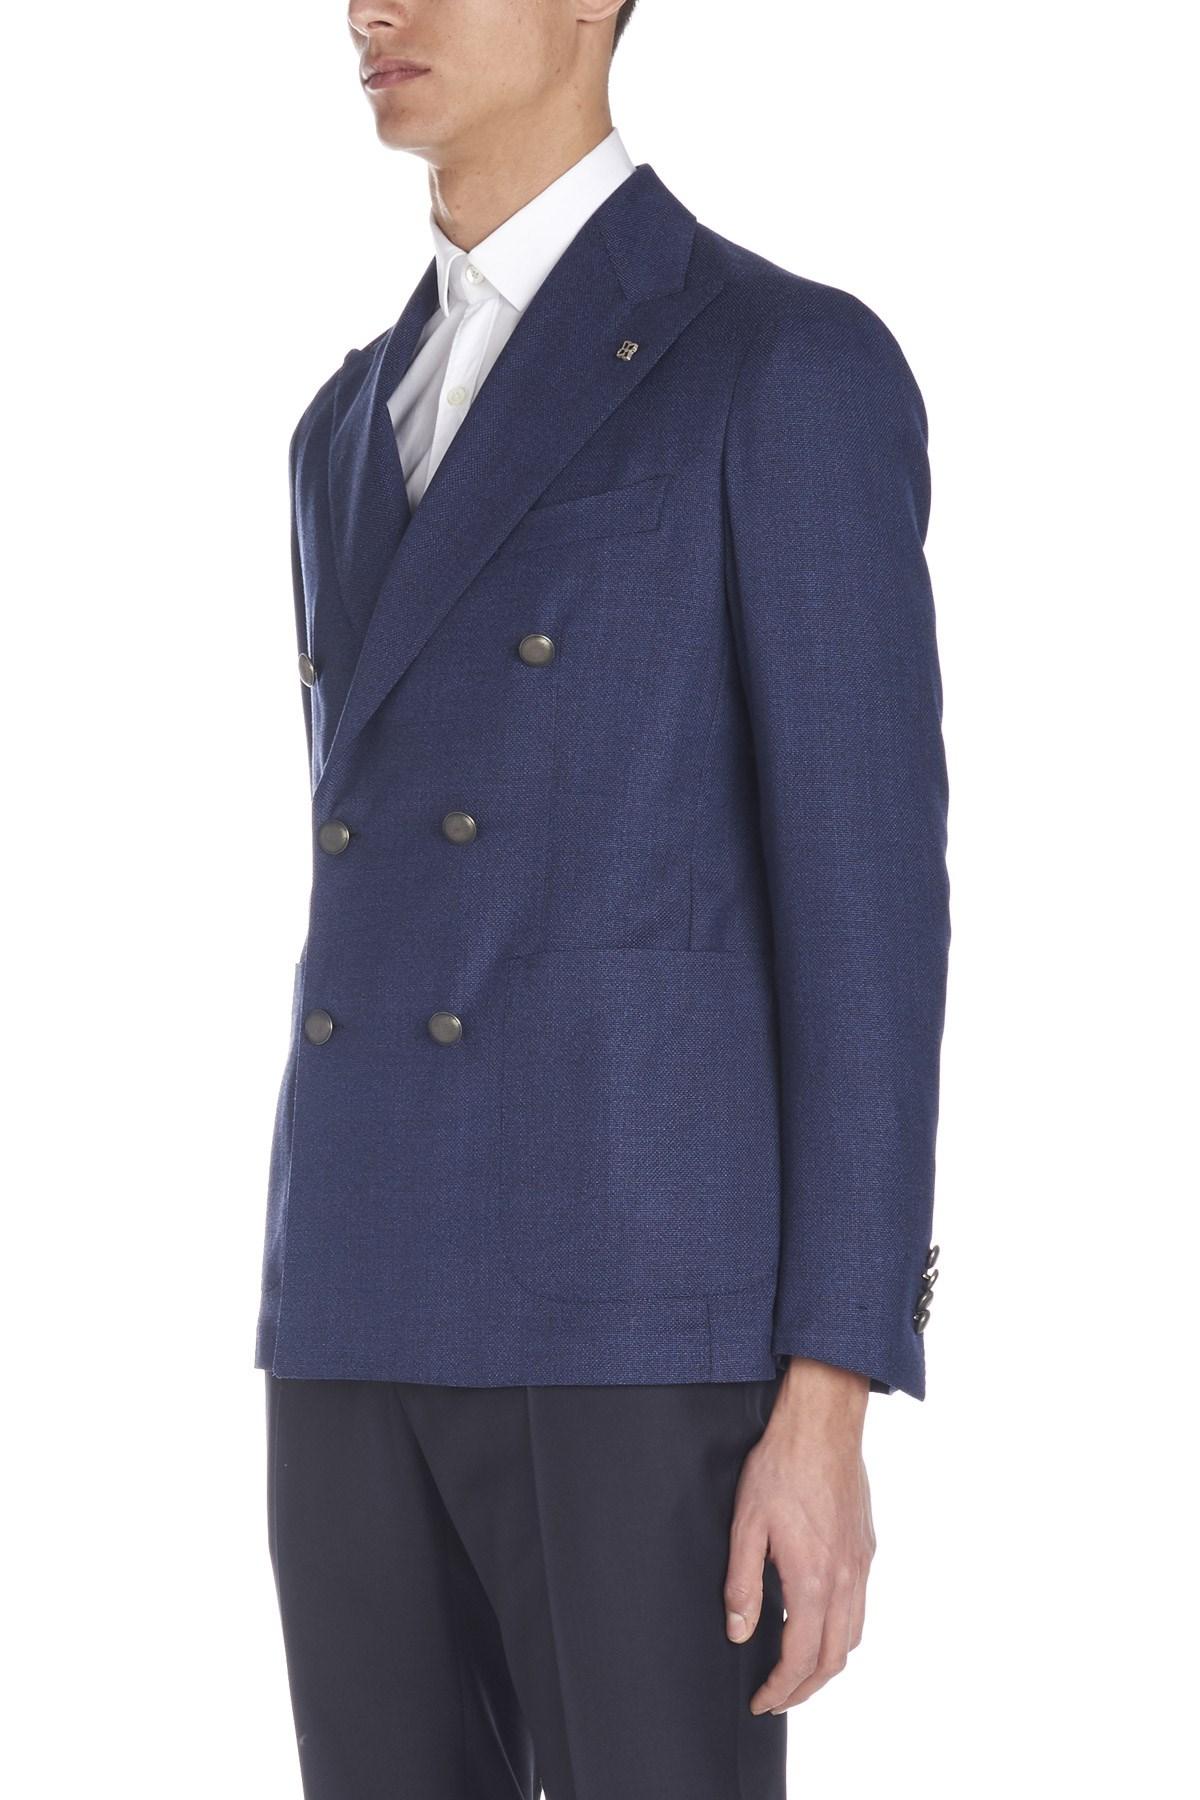 tagliatore Giacca  Monte carlo  su julian-fashion.com - 63132 e13c050b407